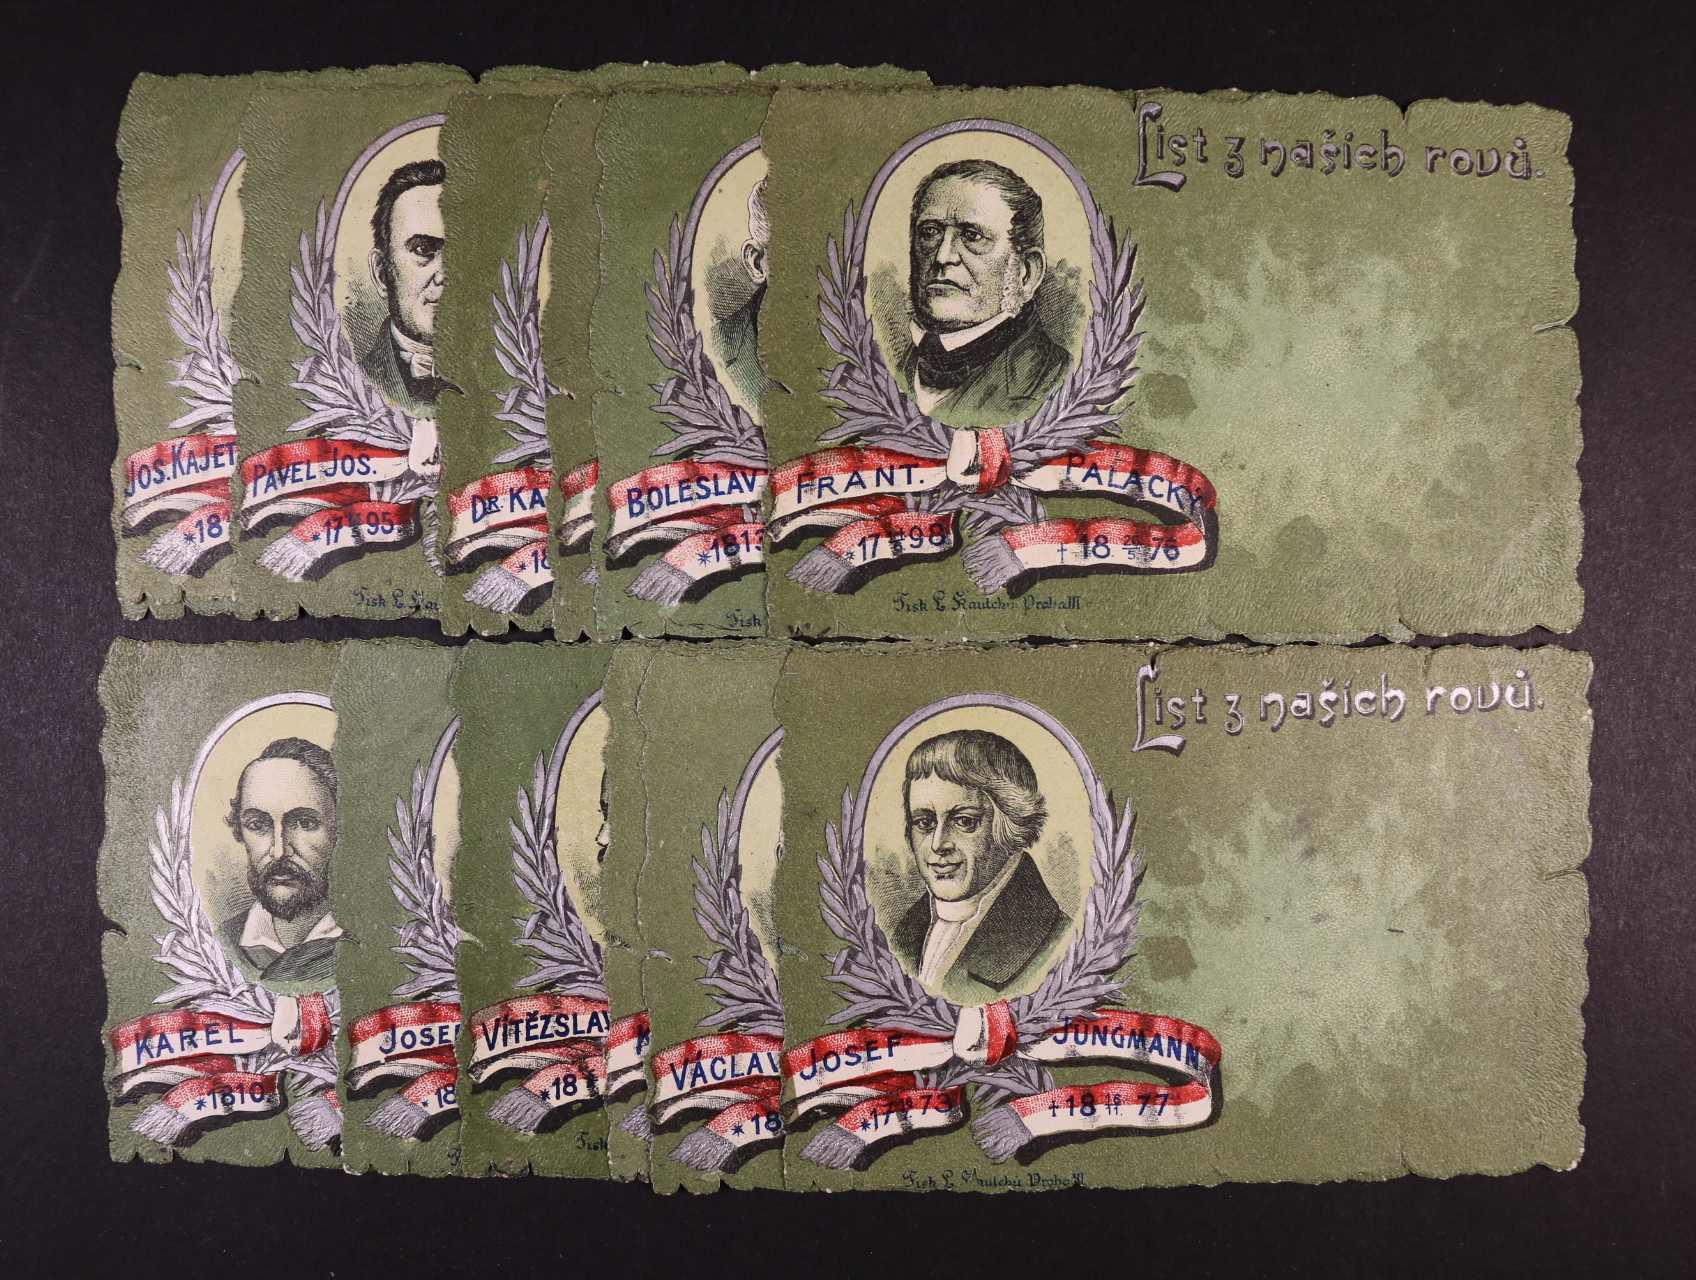 Osobnosti - cestava 13 ks bar. ozdobných pohlednice  (mj. Fr. Palacký, J. Kollár, J.K. Tyl, P.J. Šafařík, J. Jungmann), nepoužité, lux. kvalita